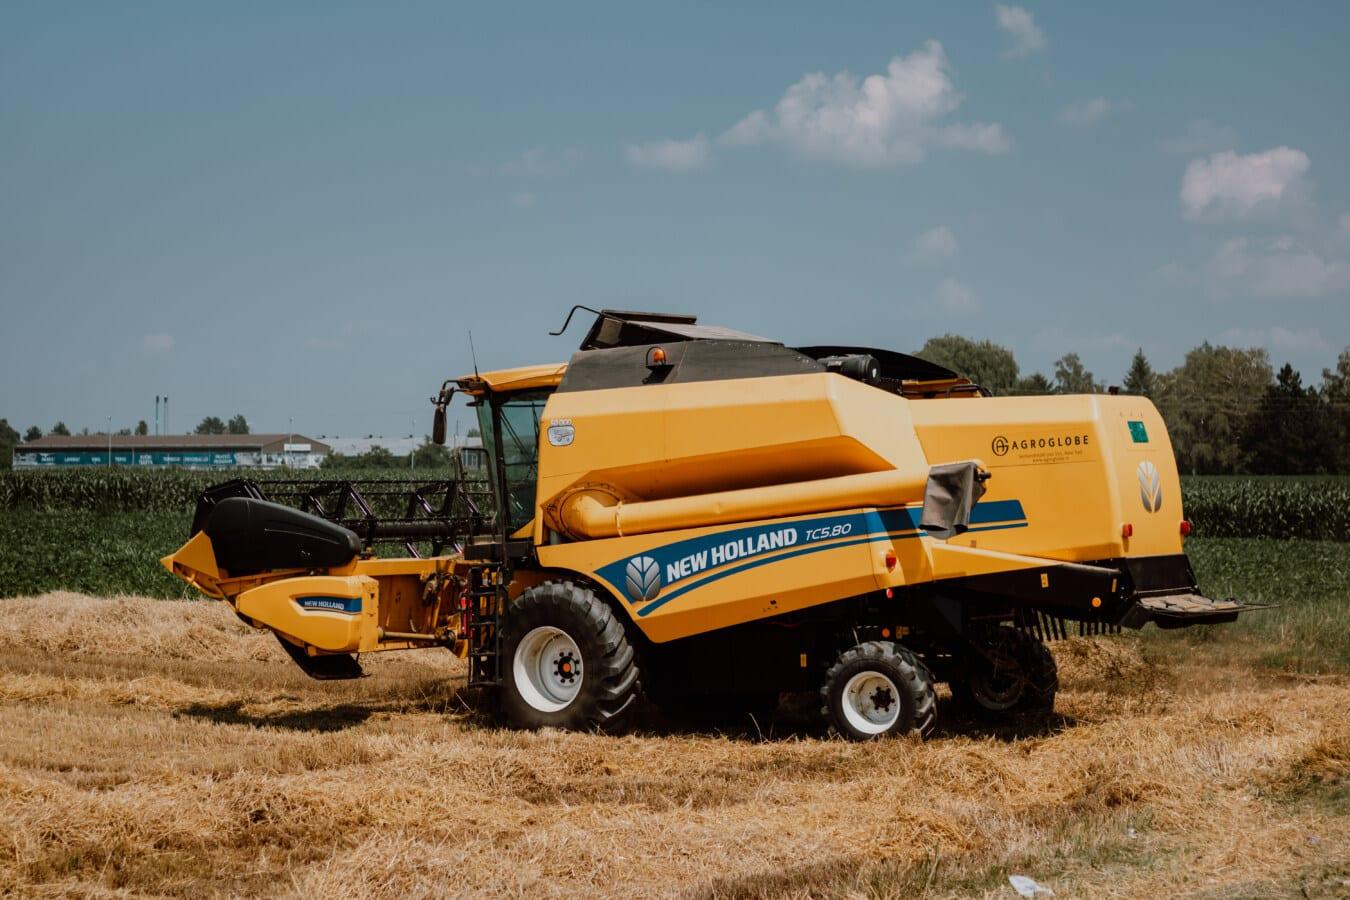 Fahrzeug, Harvester, Maschine, Harvest, Weizenfeld, Weizen, landwirtschaftlich, Feld, Branche, Ausrüstung